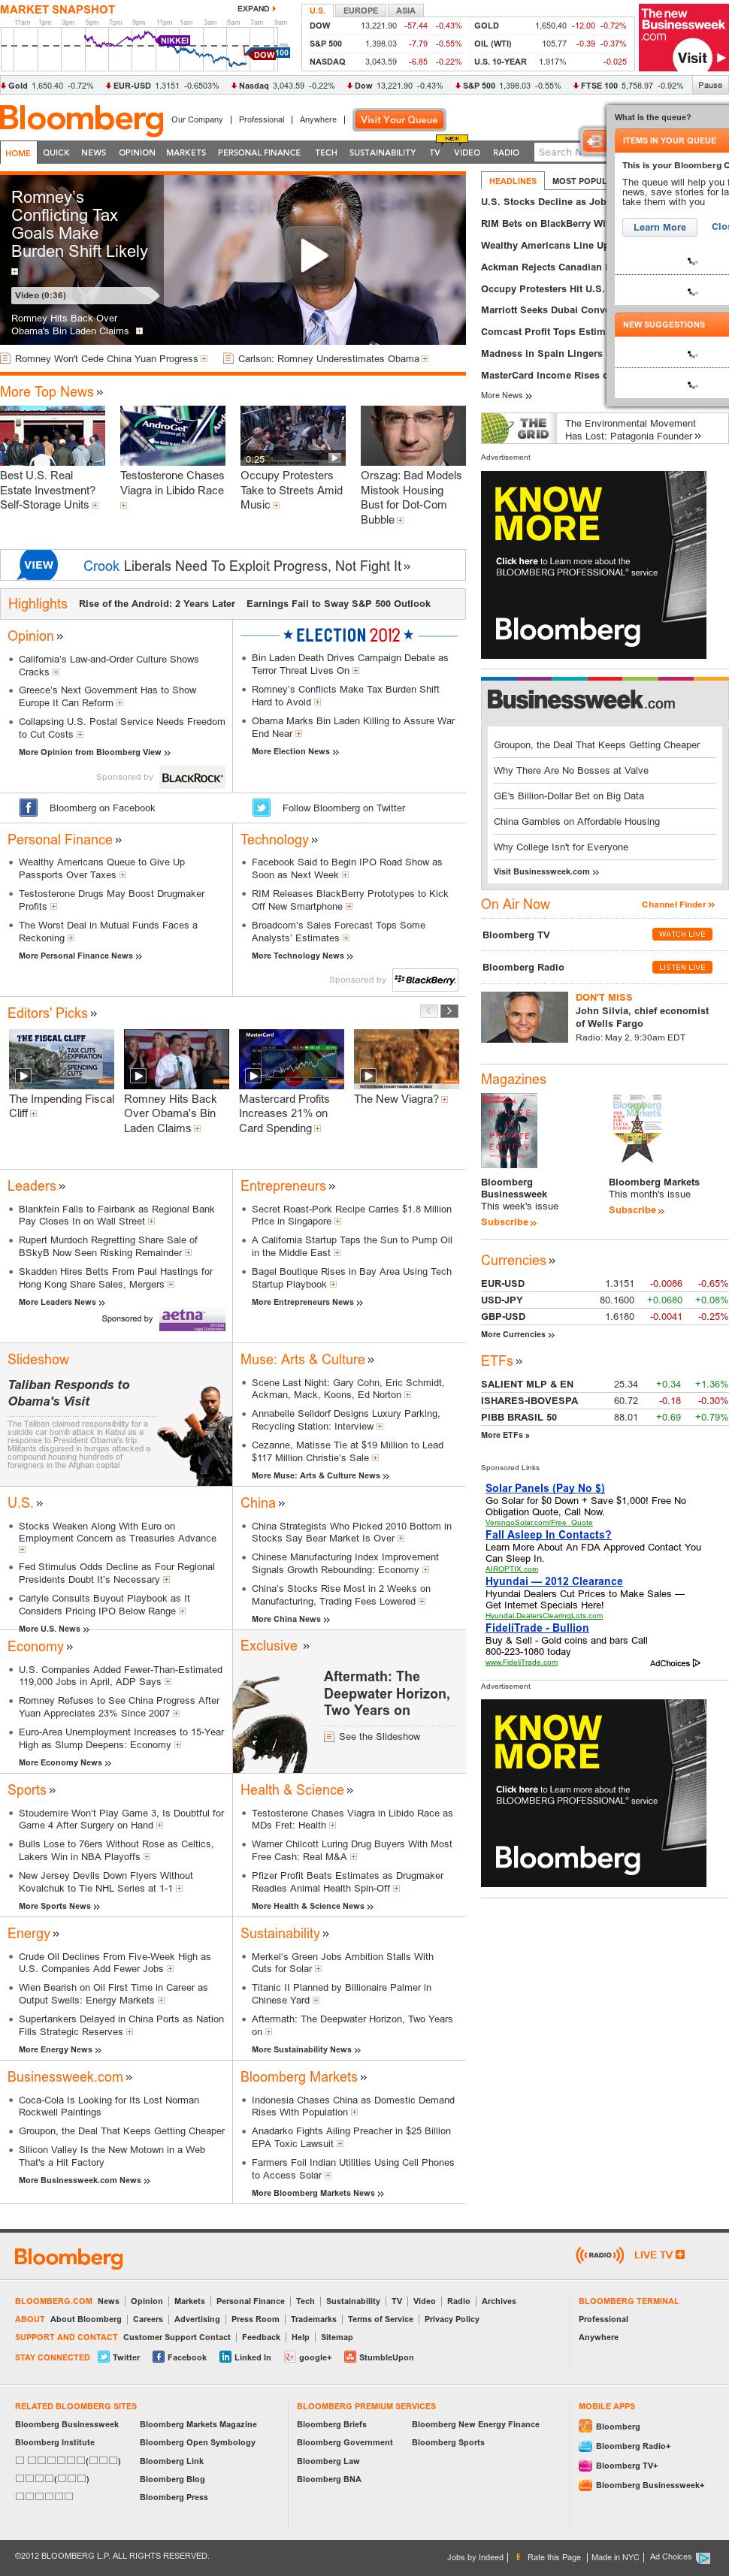 Bloomberg at Wednesday May 2, 2012, 2:01 p.m. UTC